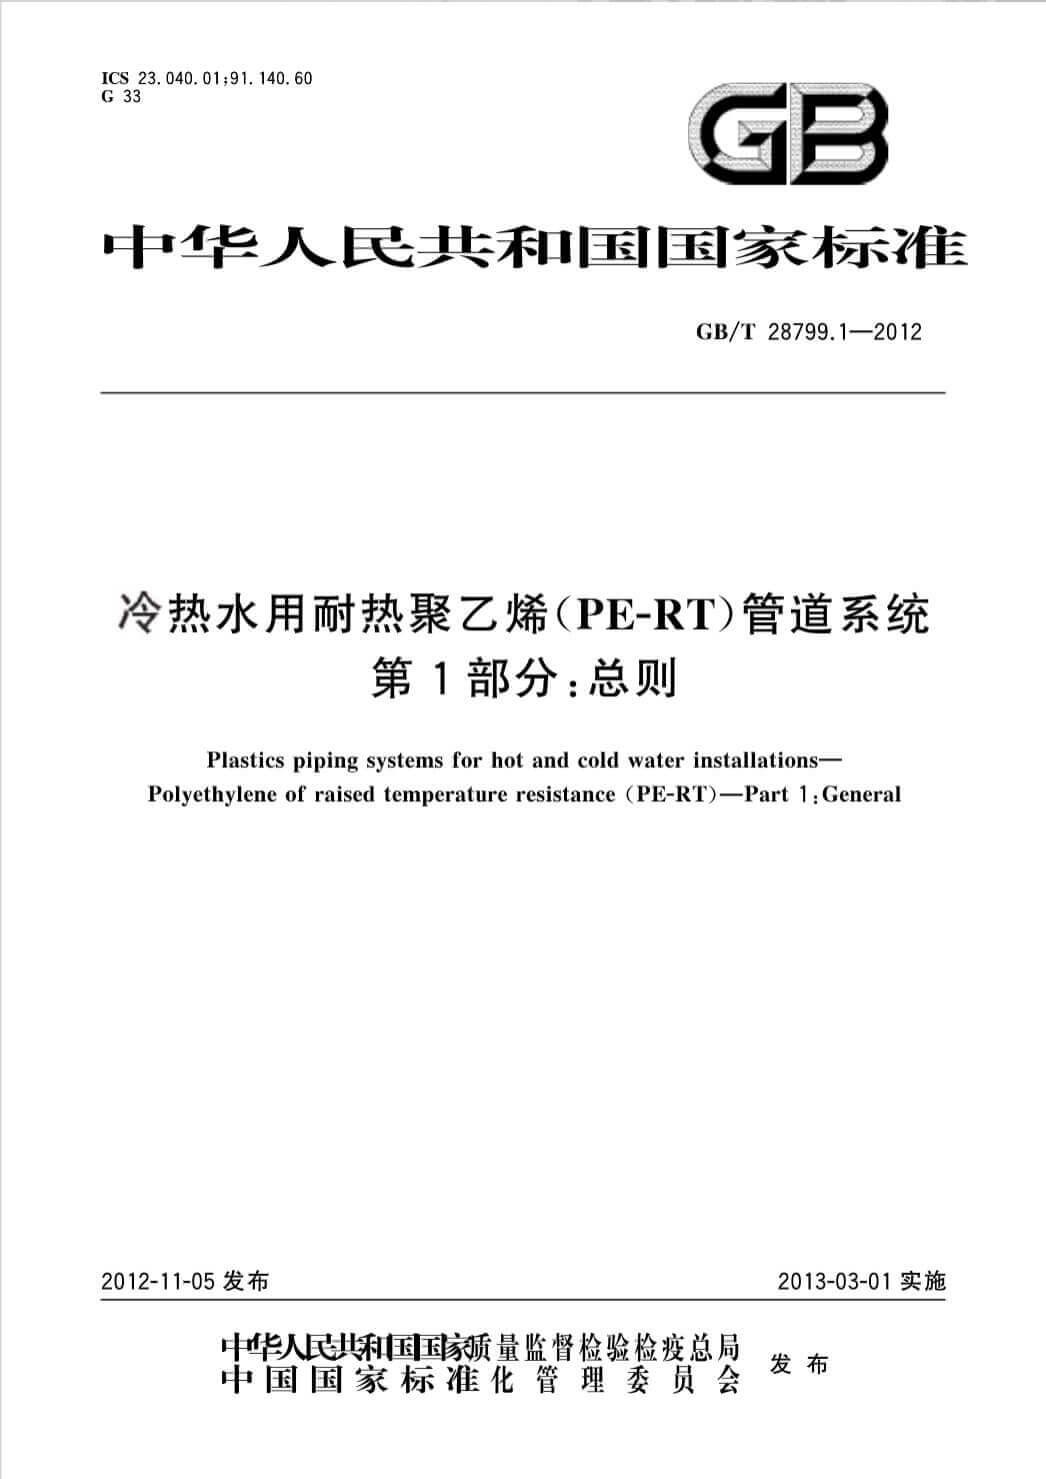 GB/T28799.1-2012冷热水用耐热聚乙烯(PE-RT)管道系统 第1部分:总则